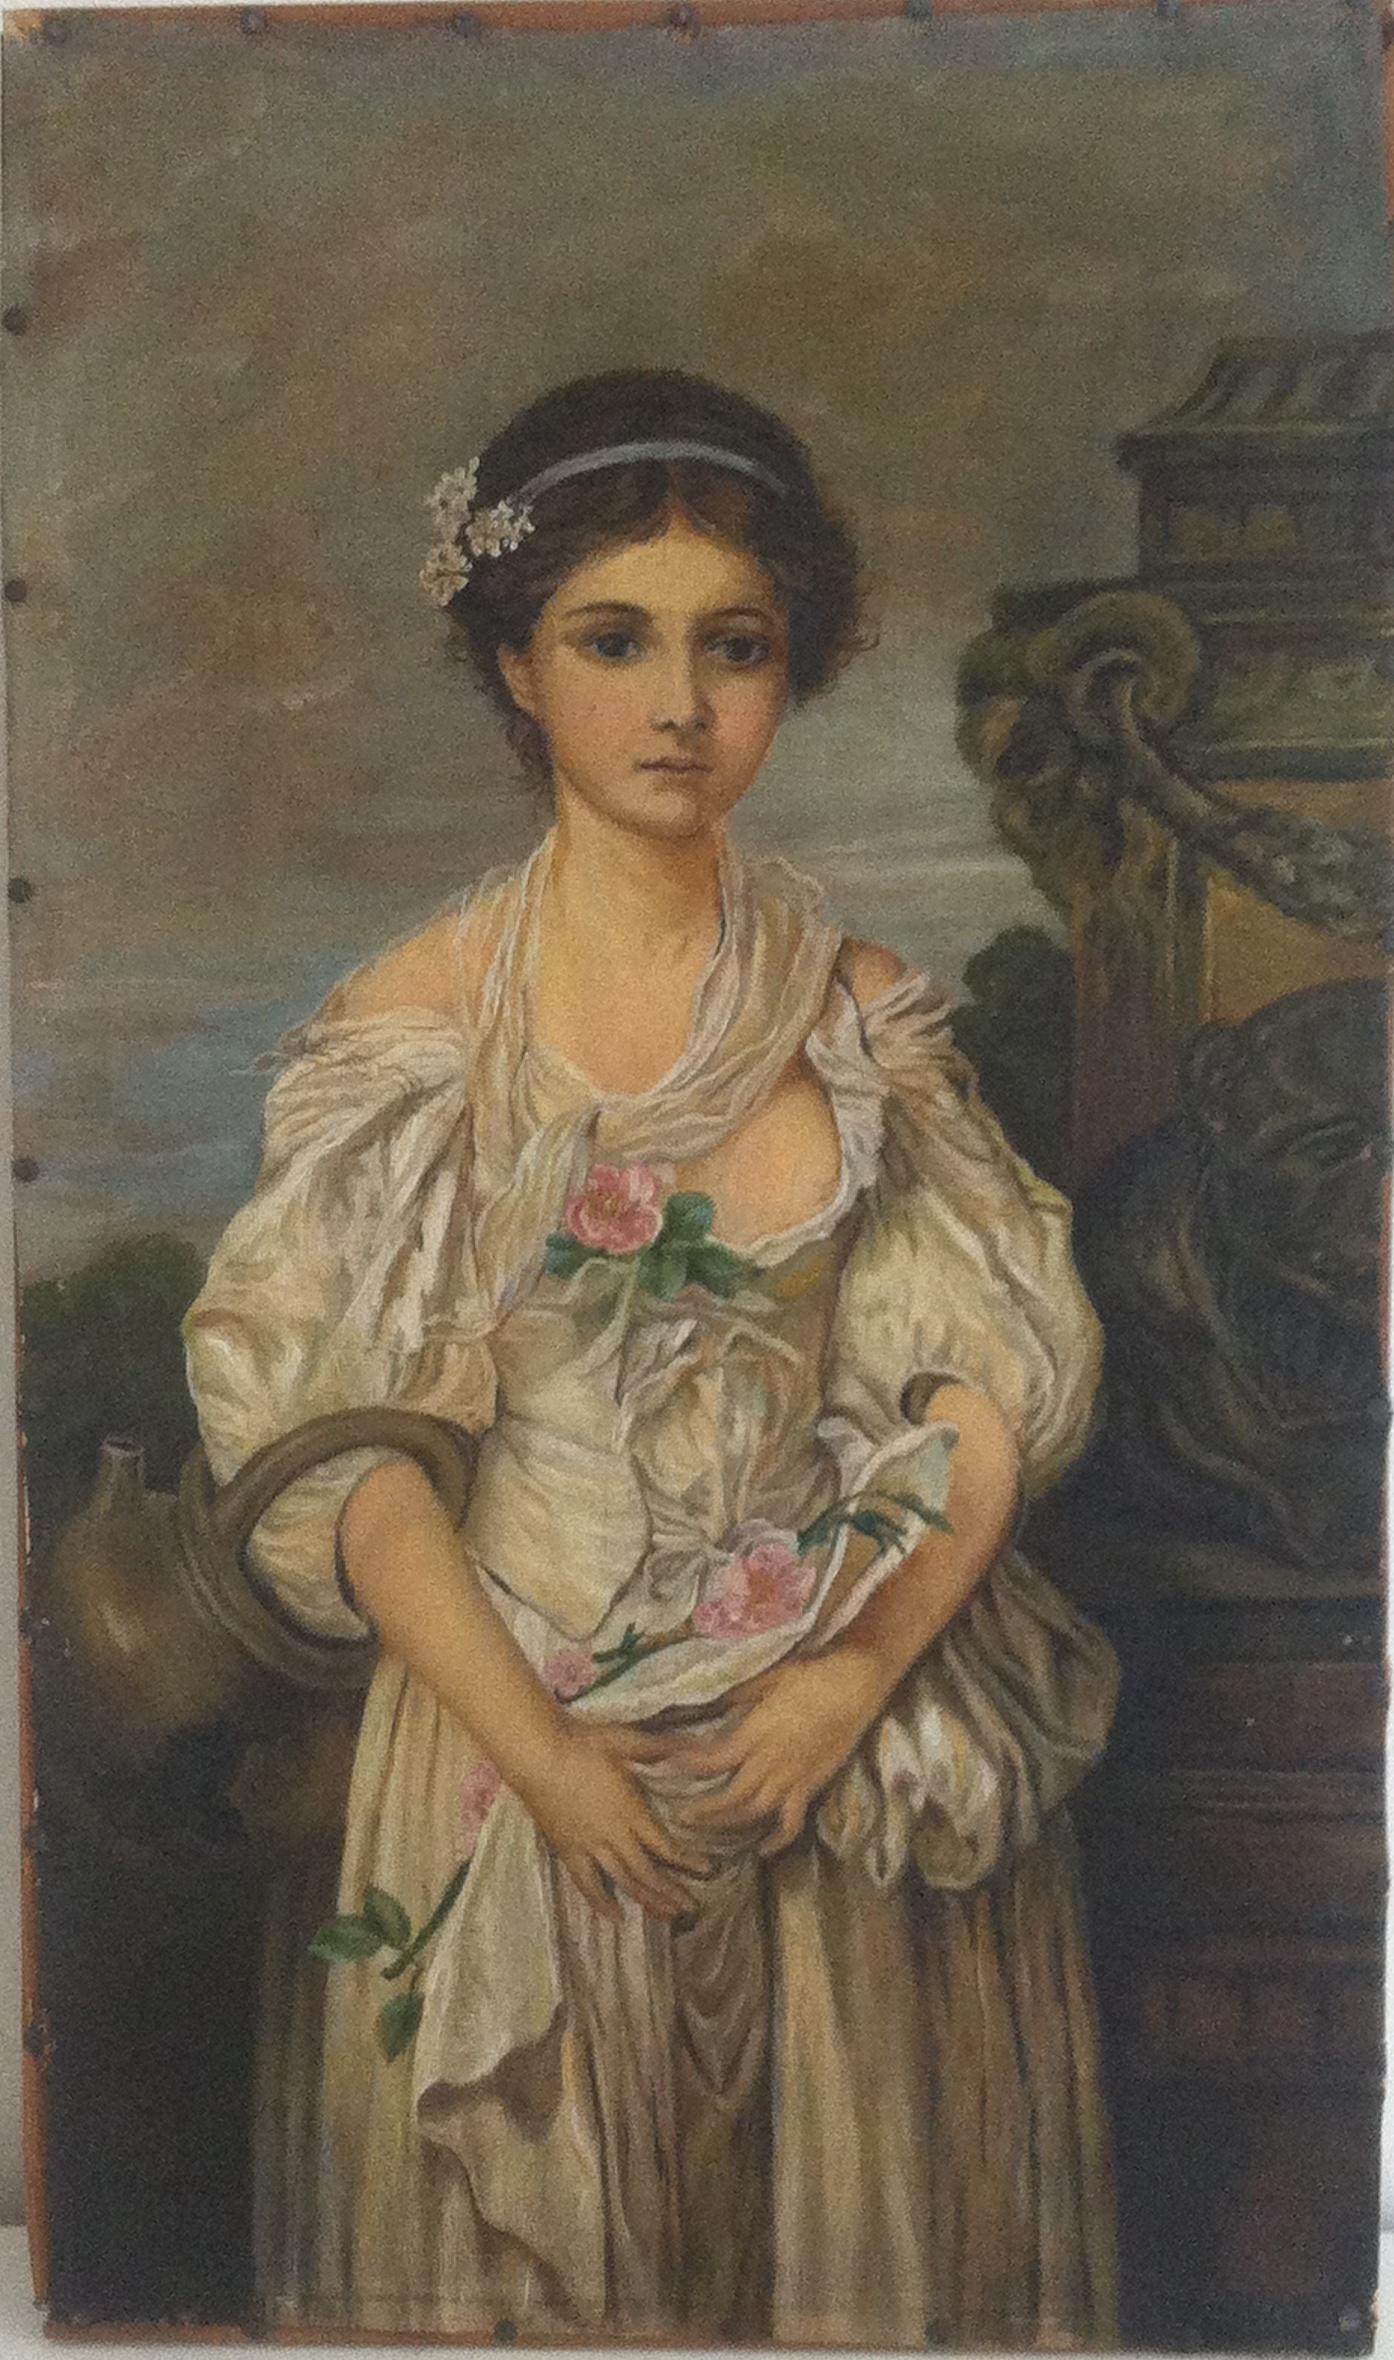 før restaurering af lille kvindeportræt ca. 1900